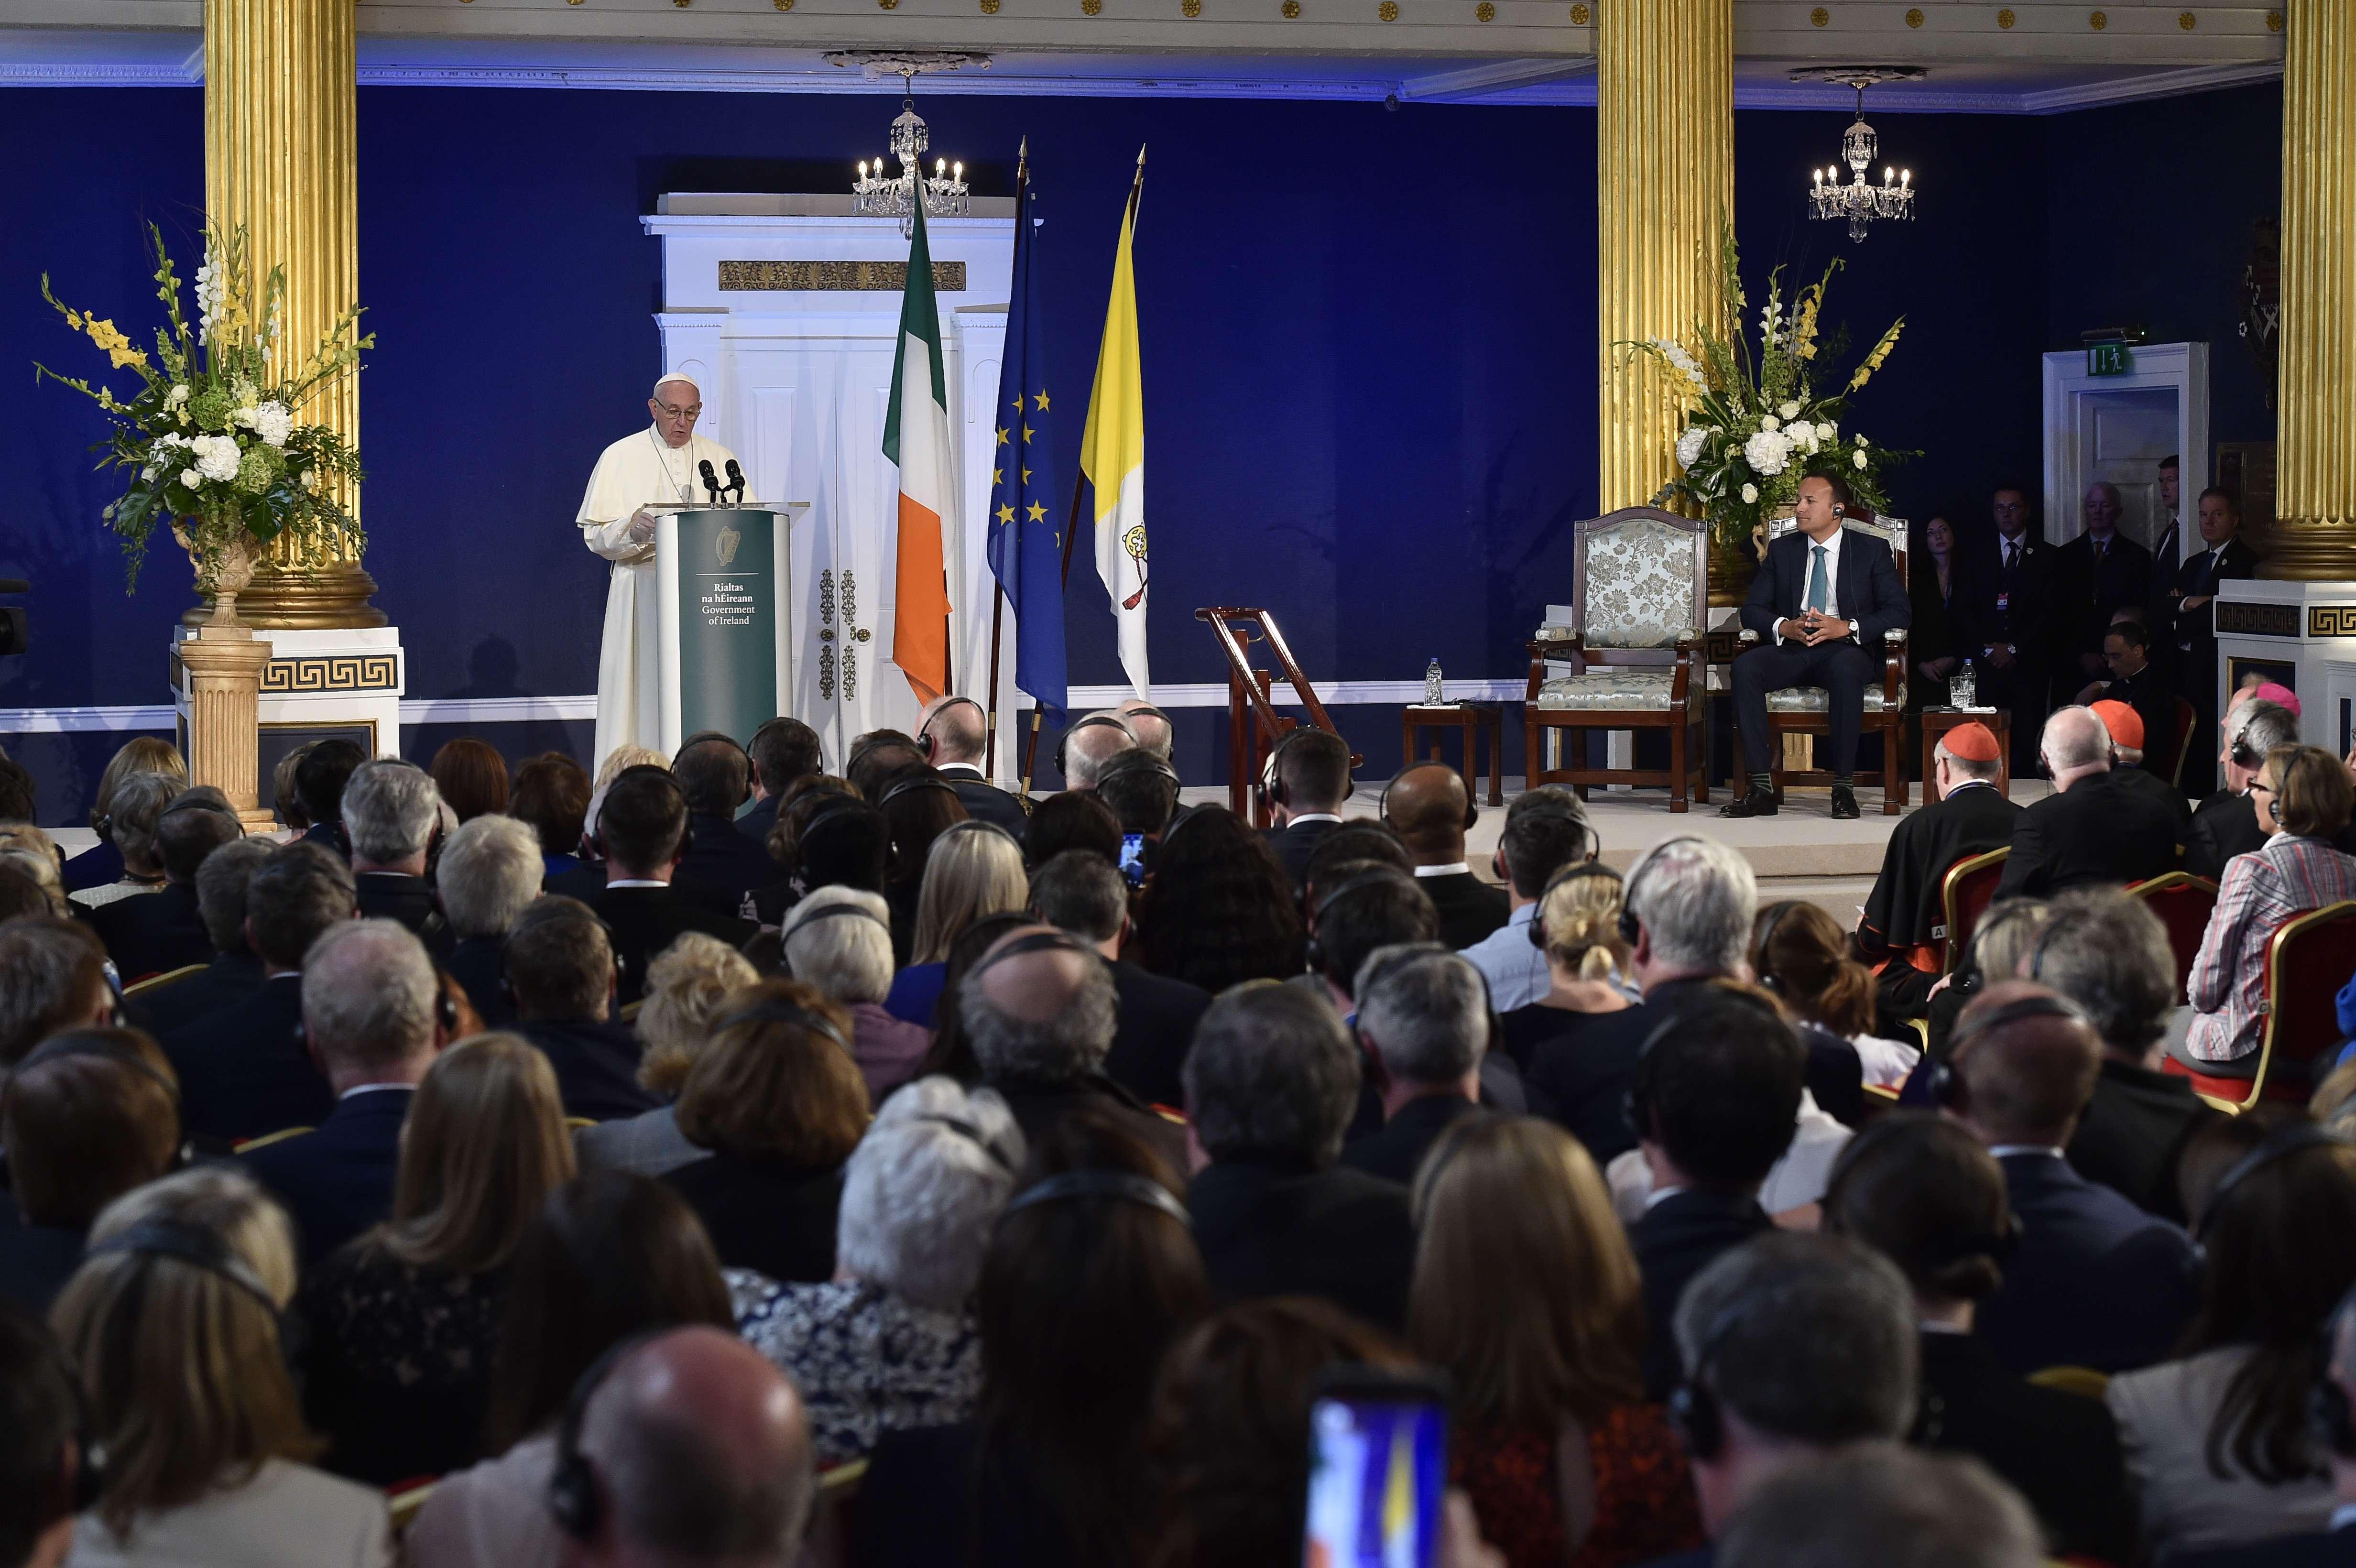 Discurso del Papa al Primer Ministro y a las autoridades irlandesas © Vatican Media